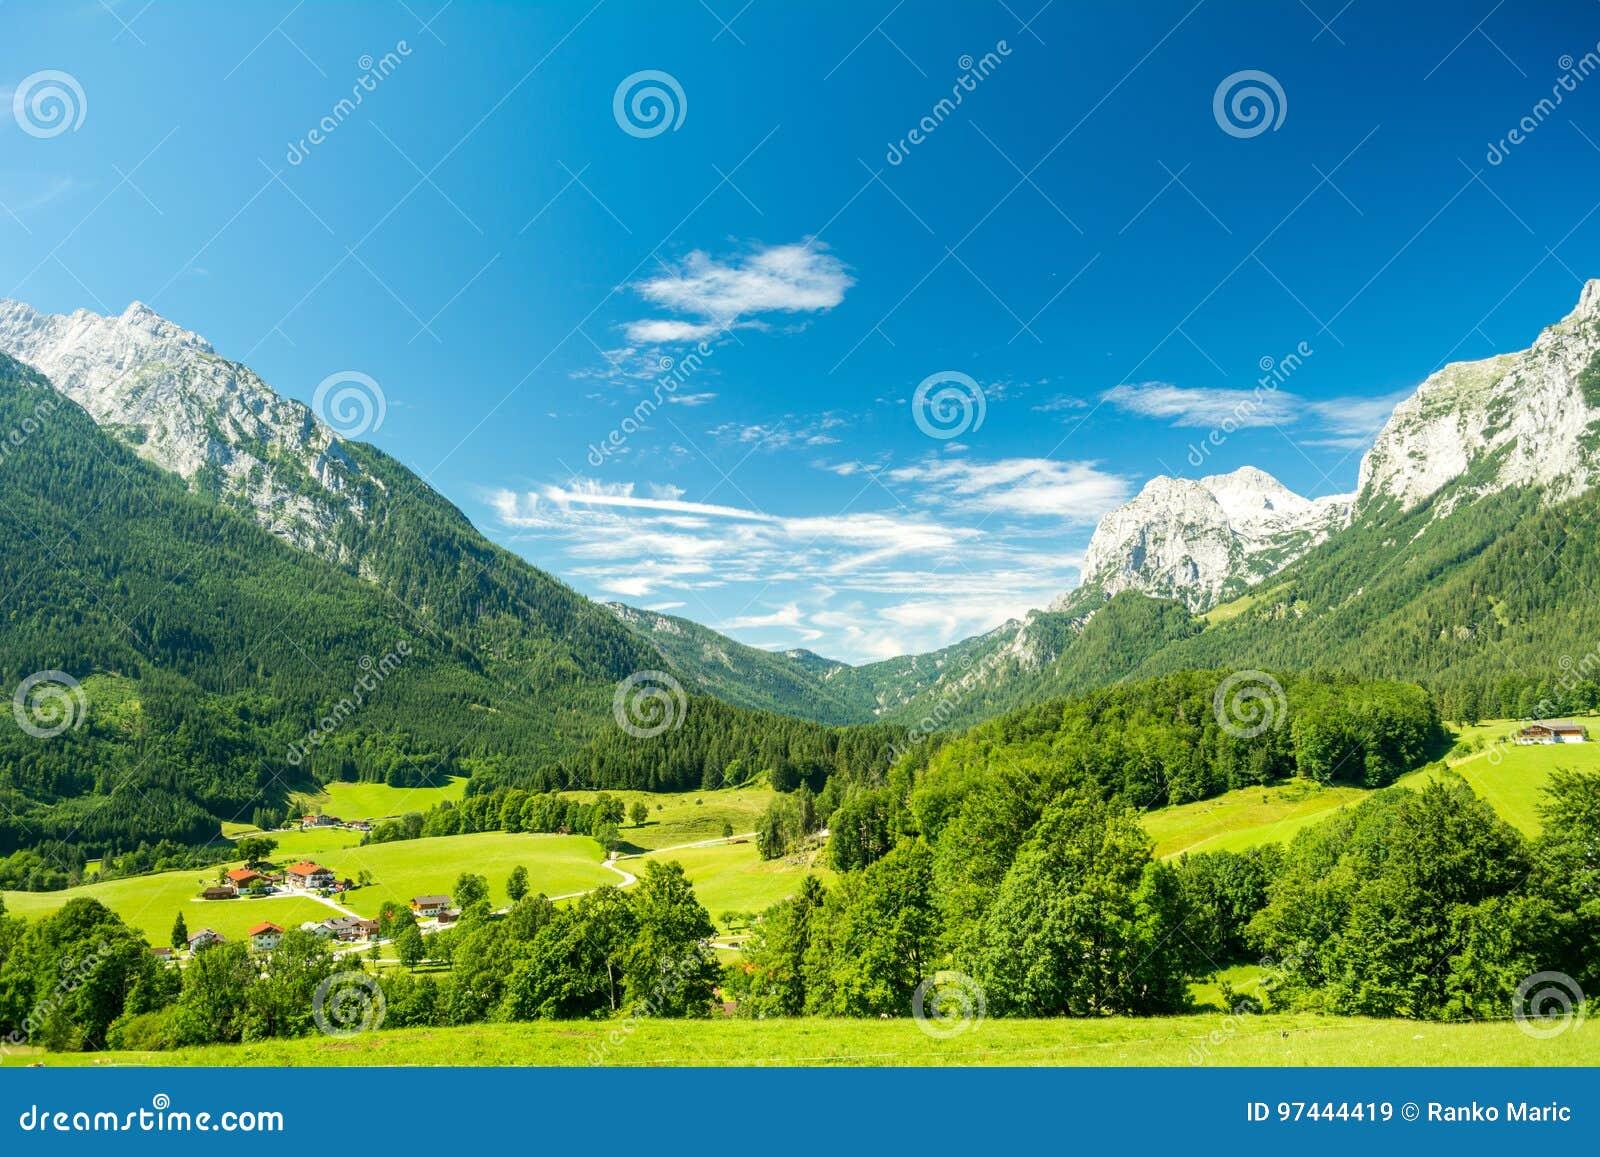 自然和山美丽的景色在Konigssee湖,巴伐利亚,德国附近